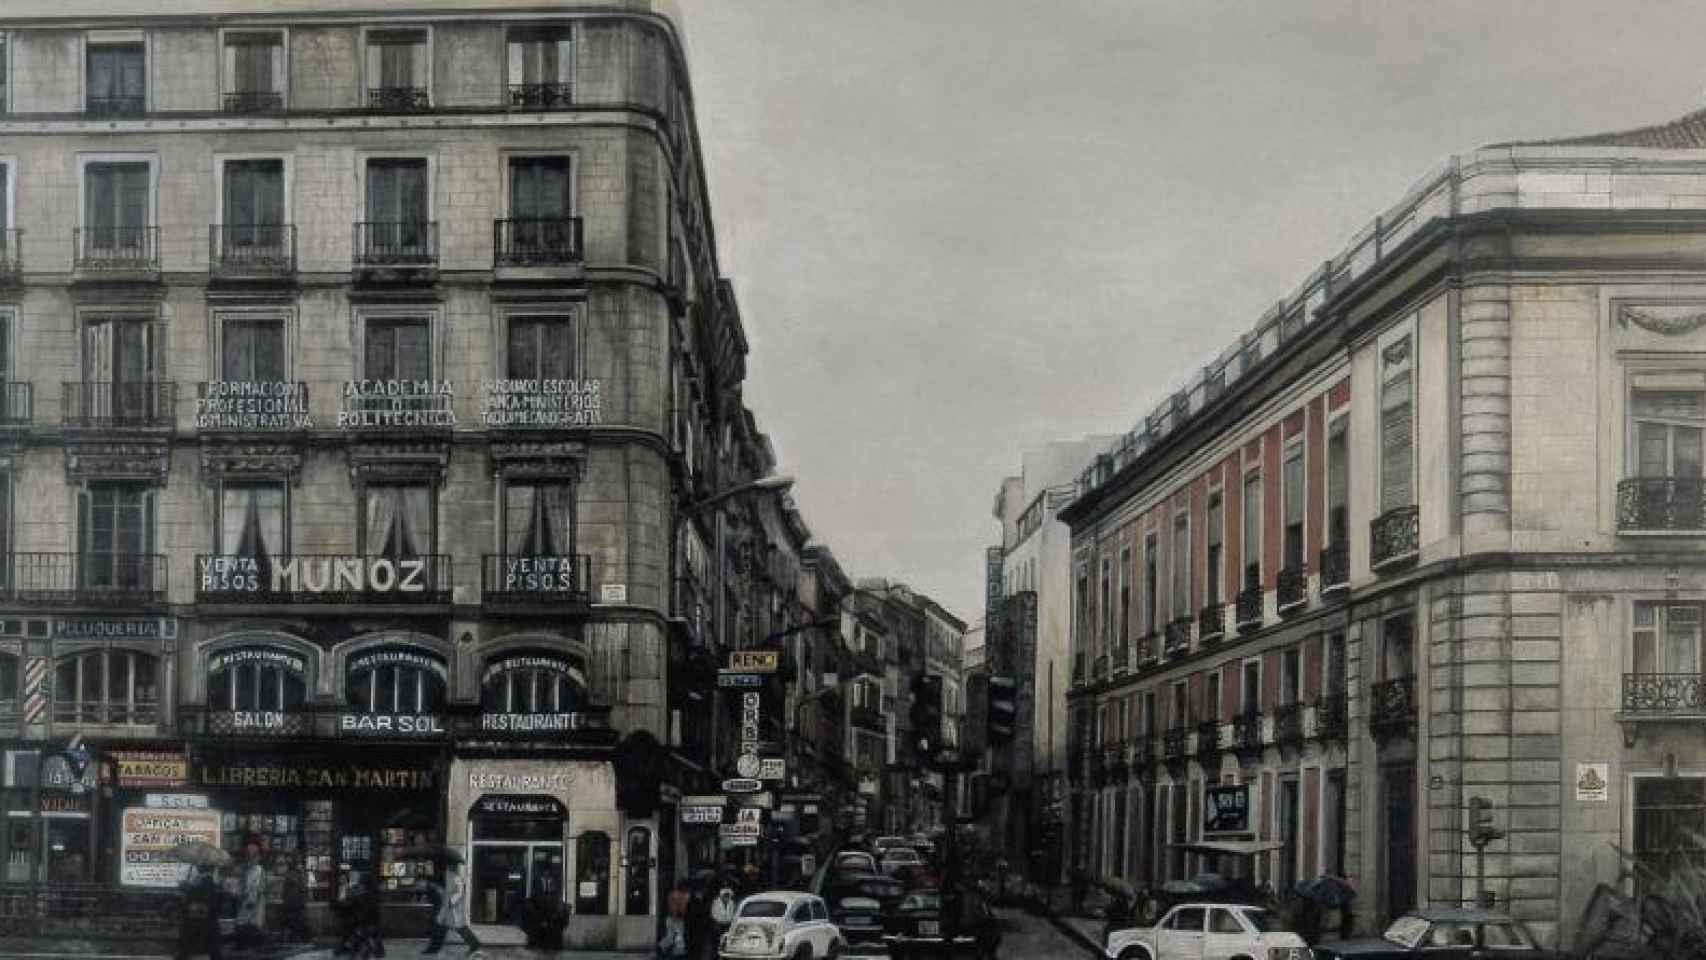 Puerta del Sol (1979), de Amalia Avia, incluido en la muestra.